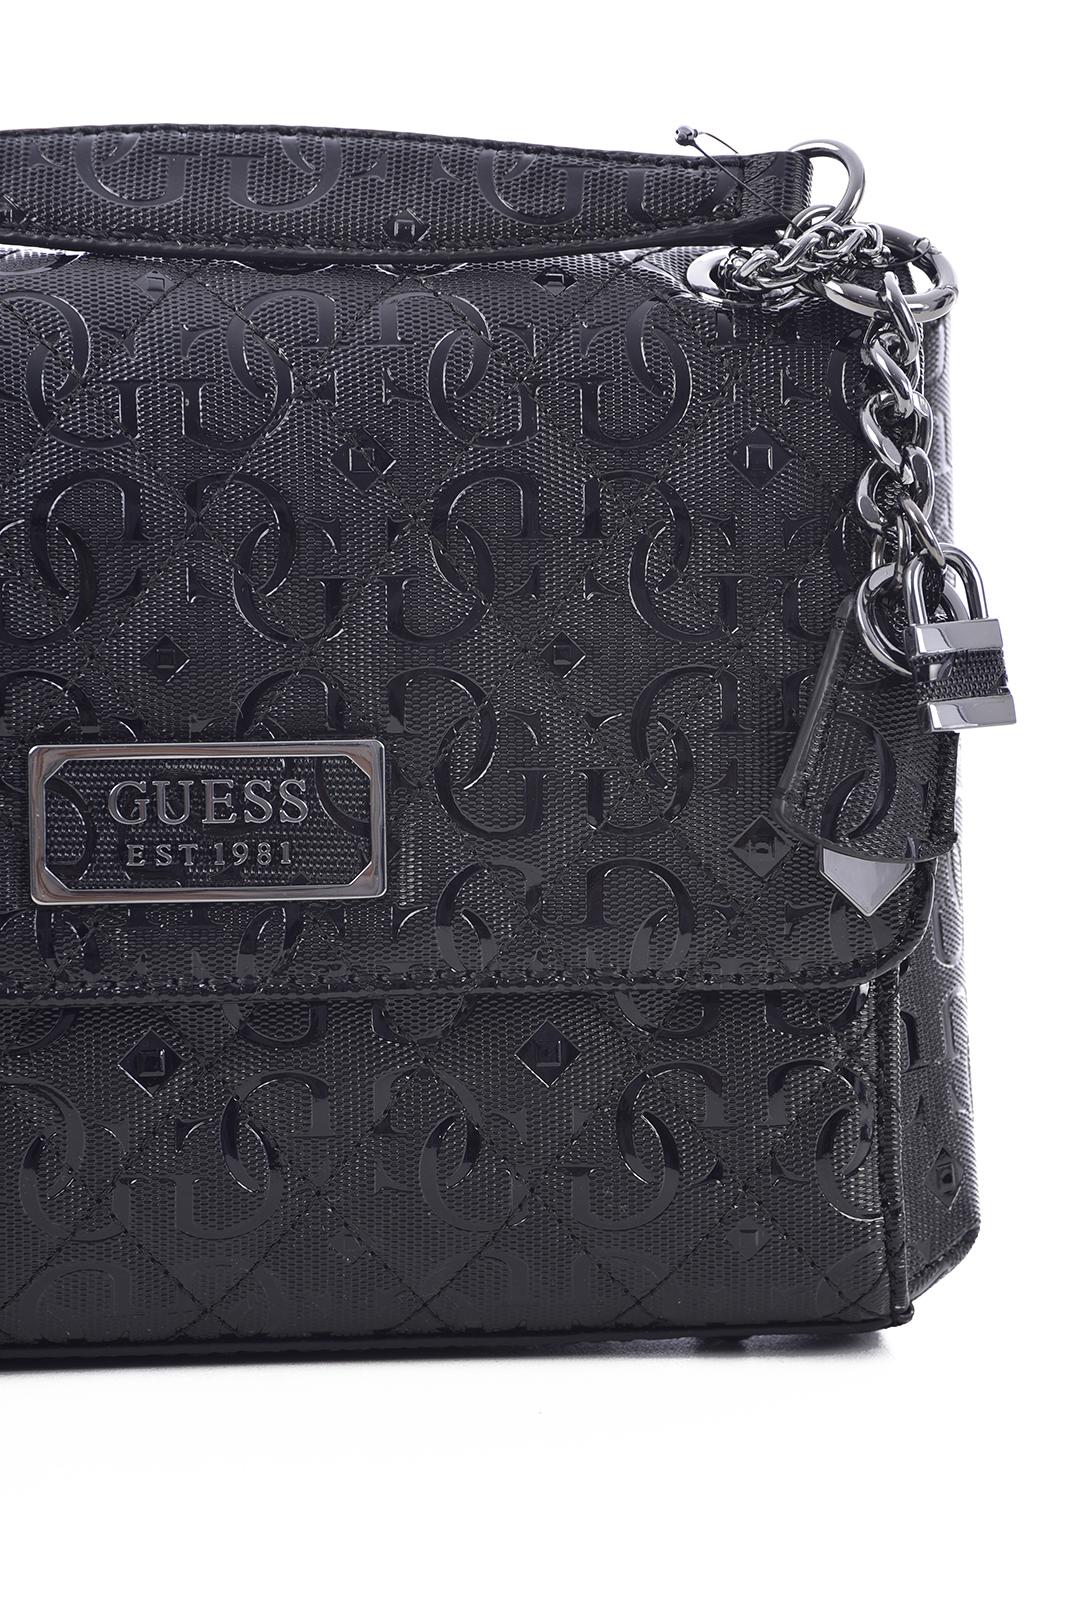 Sac porté épaule  Guess jeans HWSM78 74210 BLACK